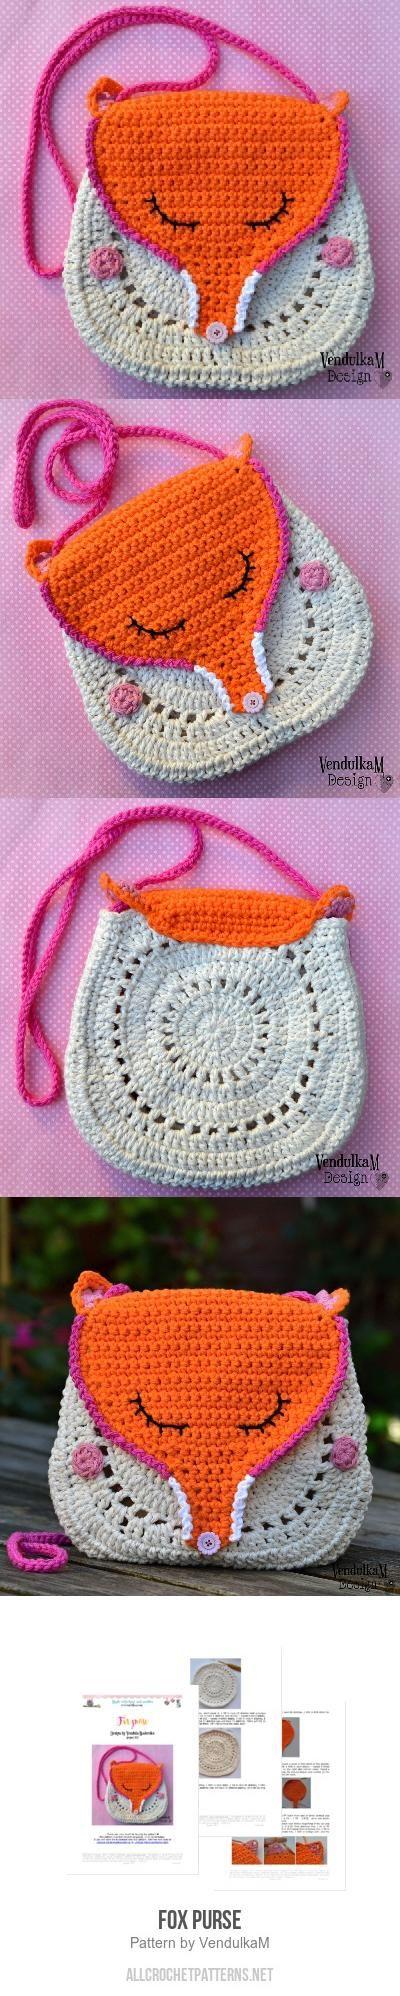 Fox Purse crochet pattern